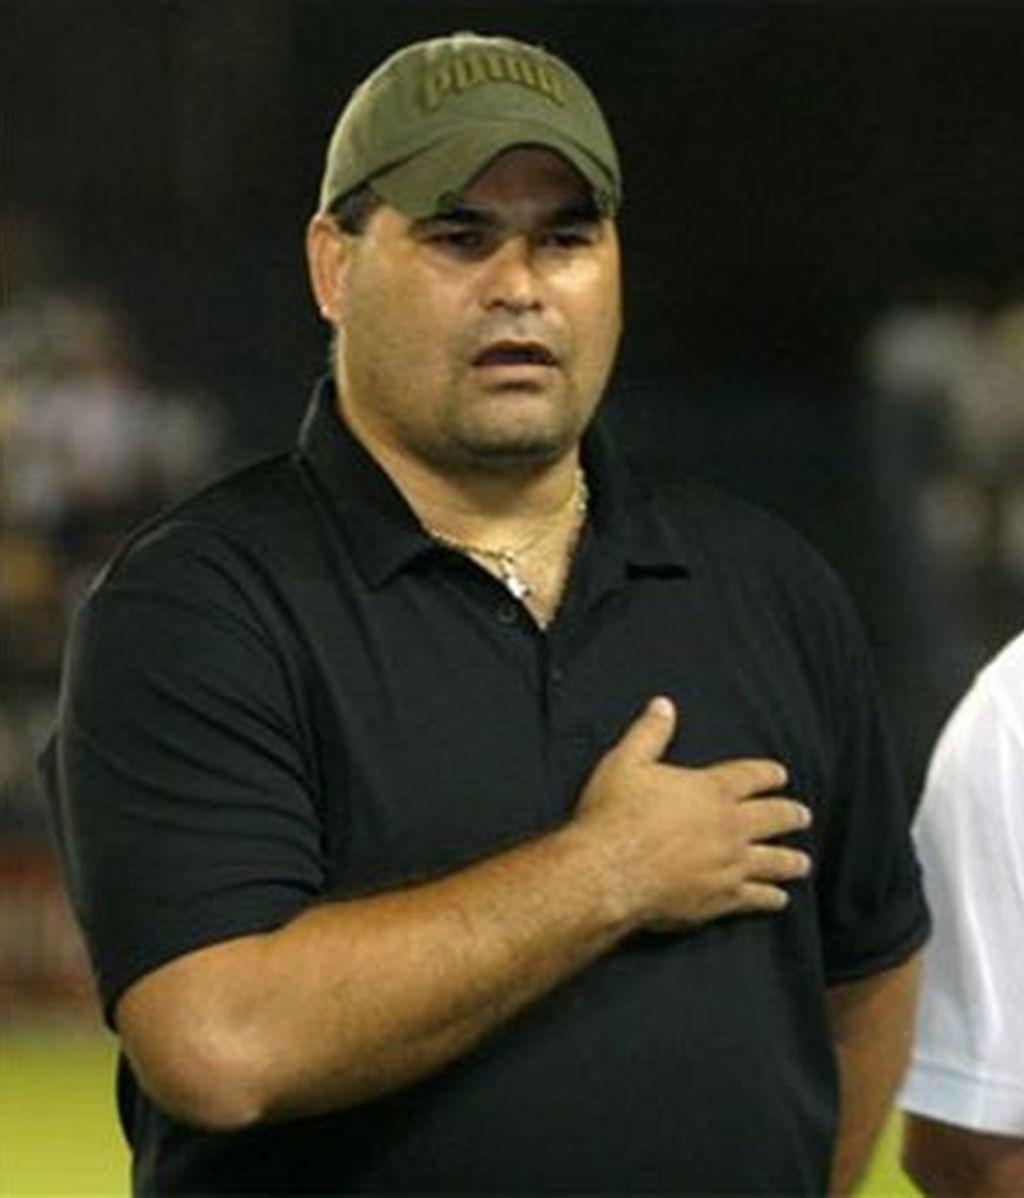 El ex portero paraguayo José Luis Chilavert. Foto: EFE.